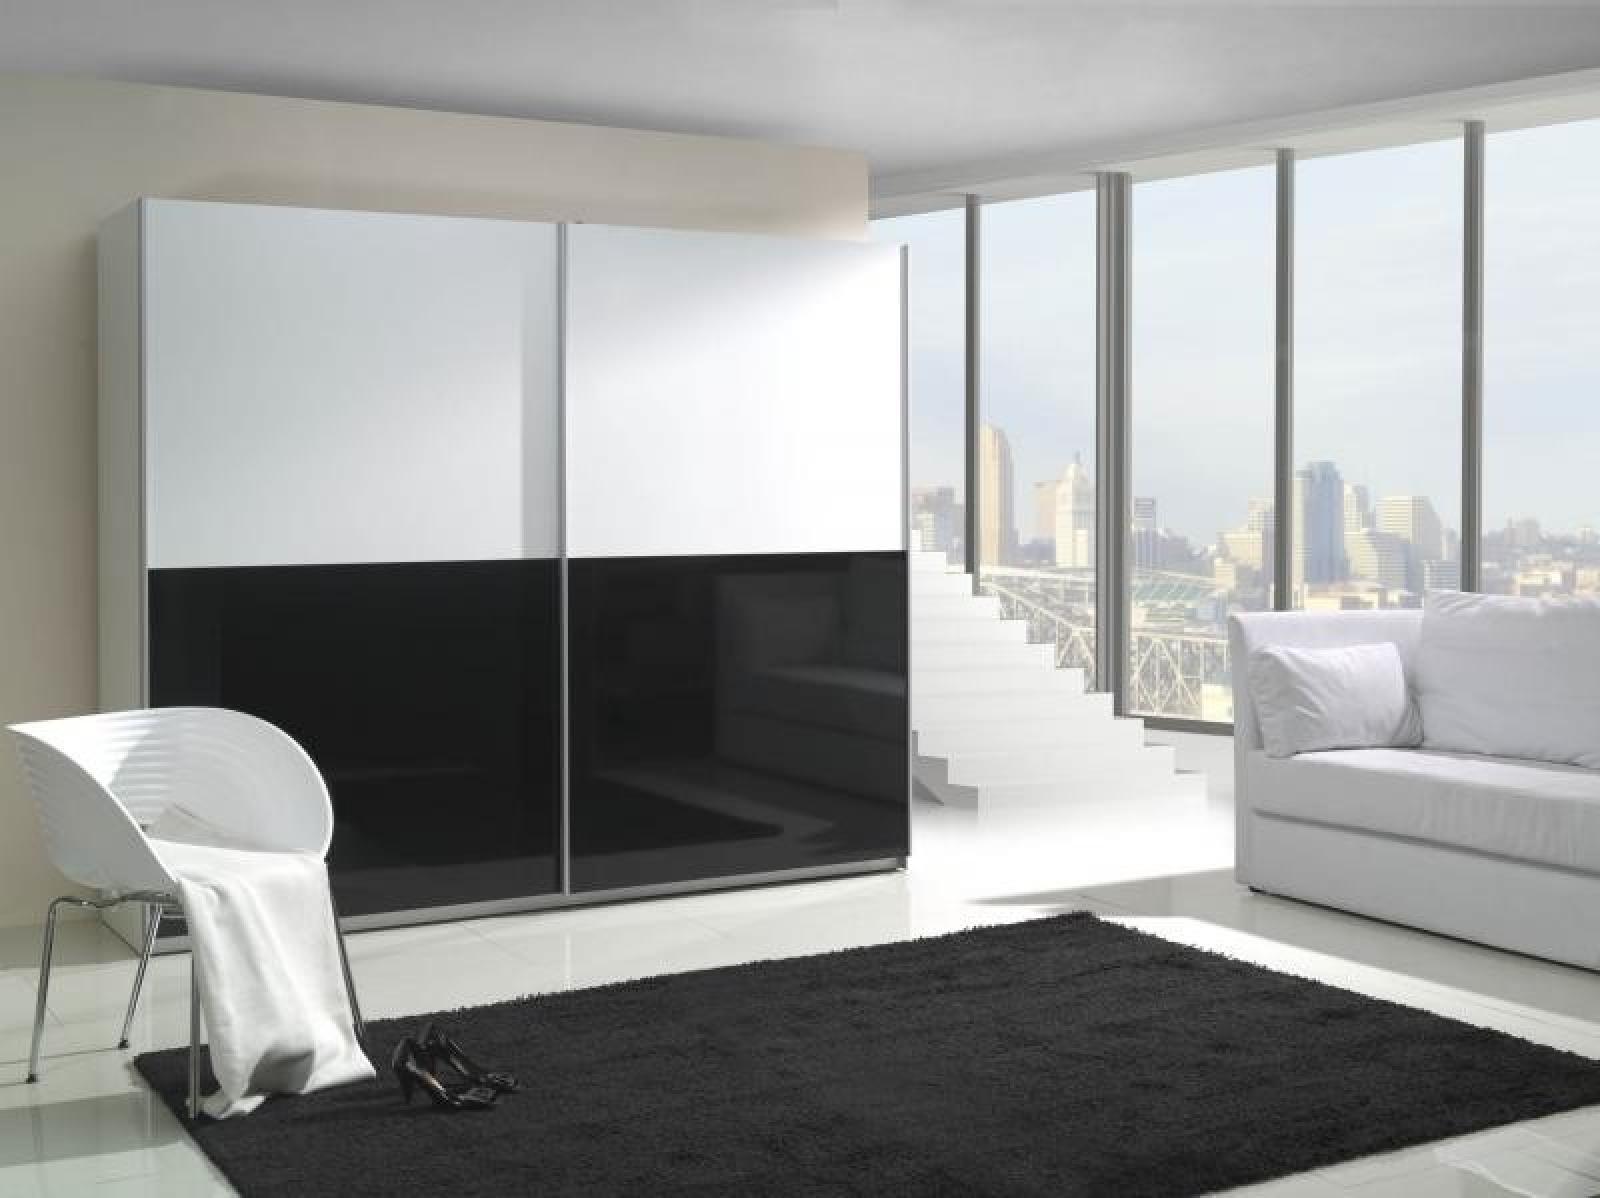 Kleiderschrank weiß hochglanz schiebetür  KAUFEXPERT - Schwebetürenschrank 244 cm Prestige 5 Weiß Schwarz ...